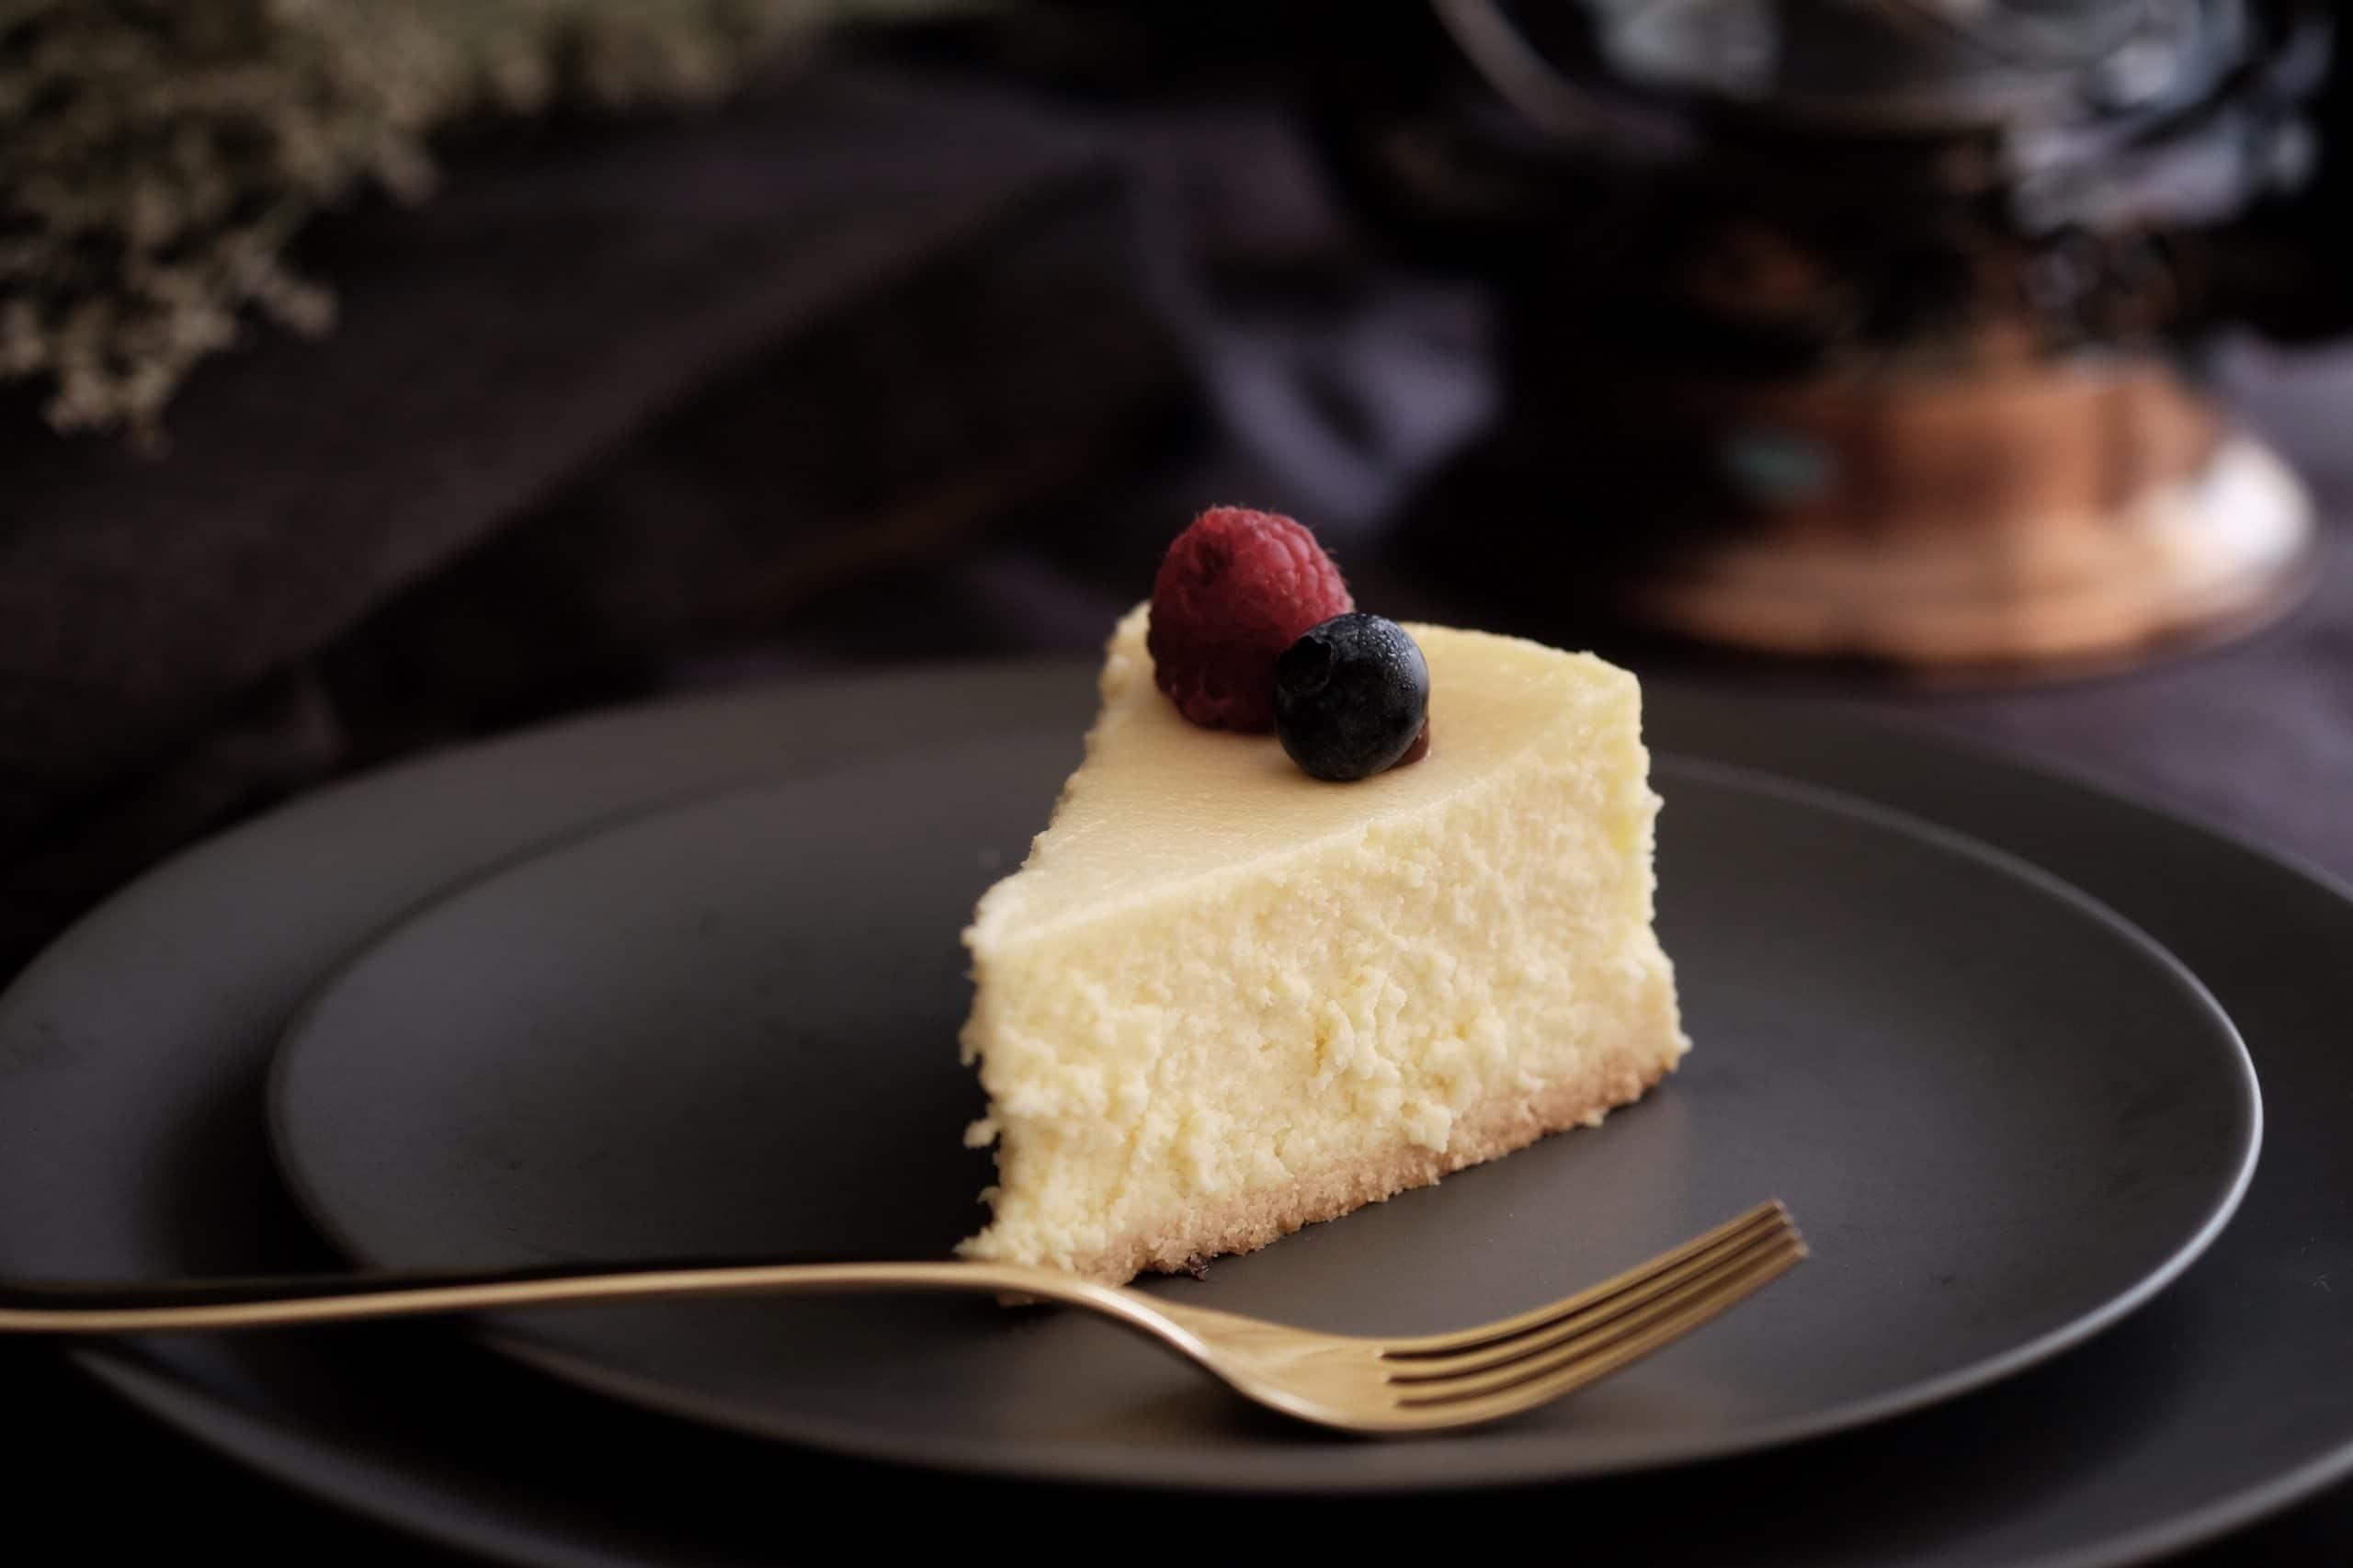 freezing a homemade cheesecake